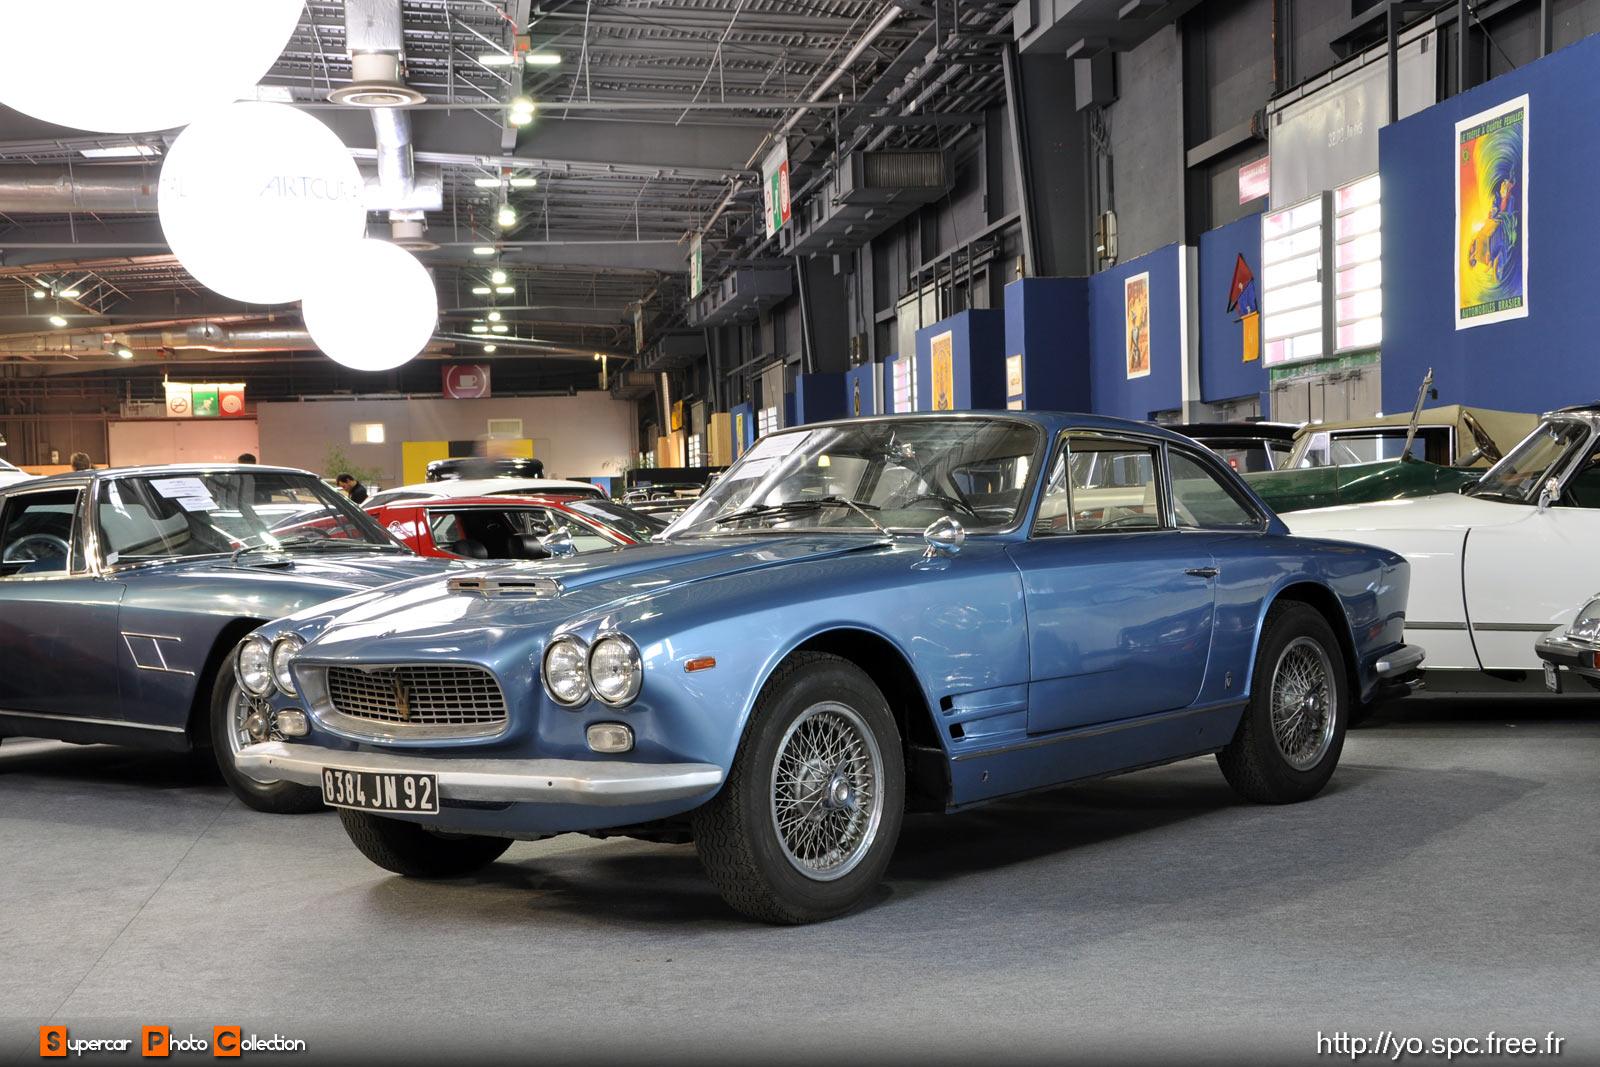 1965 maserati sebring information and photos momentcar - 1964 Maserati Sebring Information And Photos Momentcar